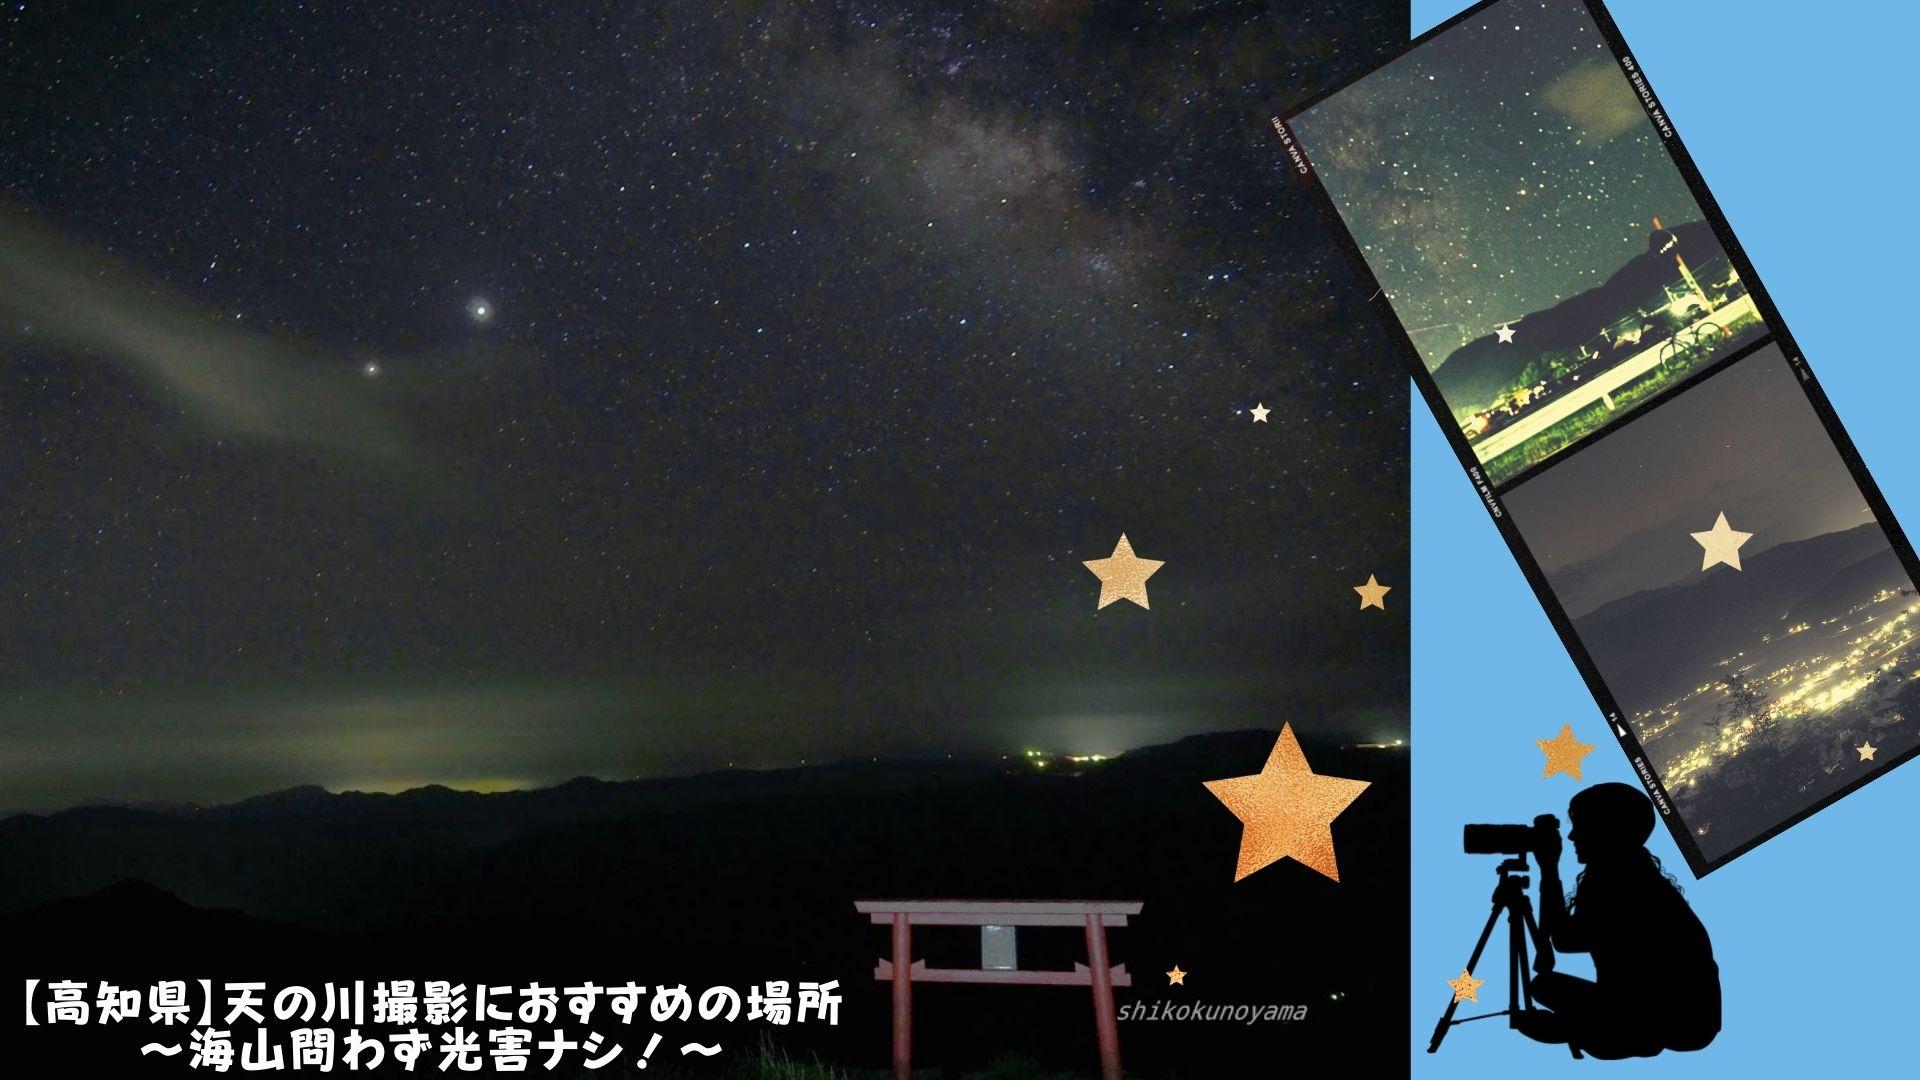 【高知県】天の川撮影におすすめの場所 〜海山問わず光害ナシ!〜